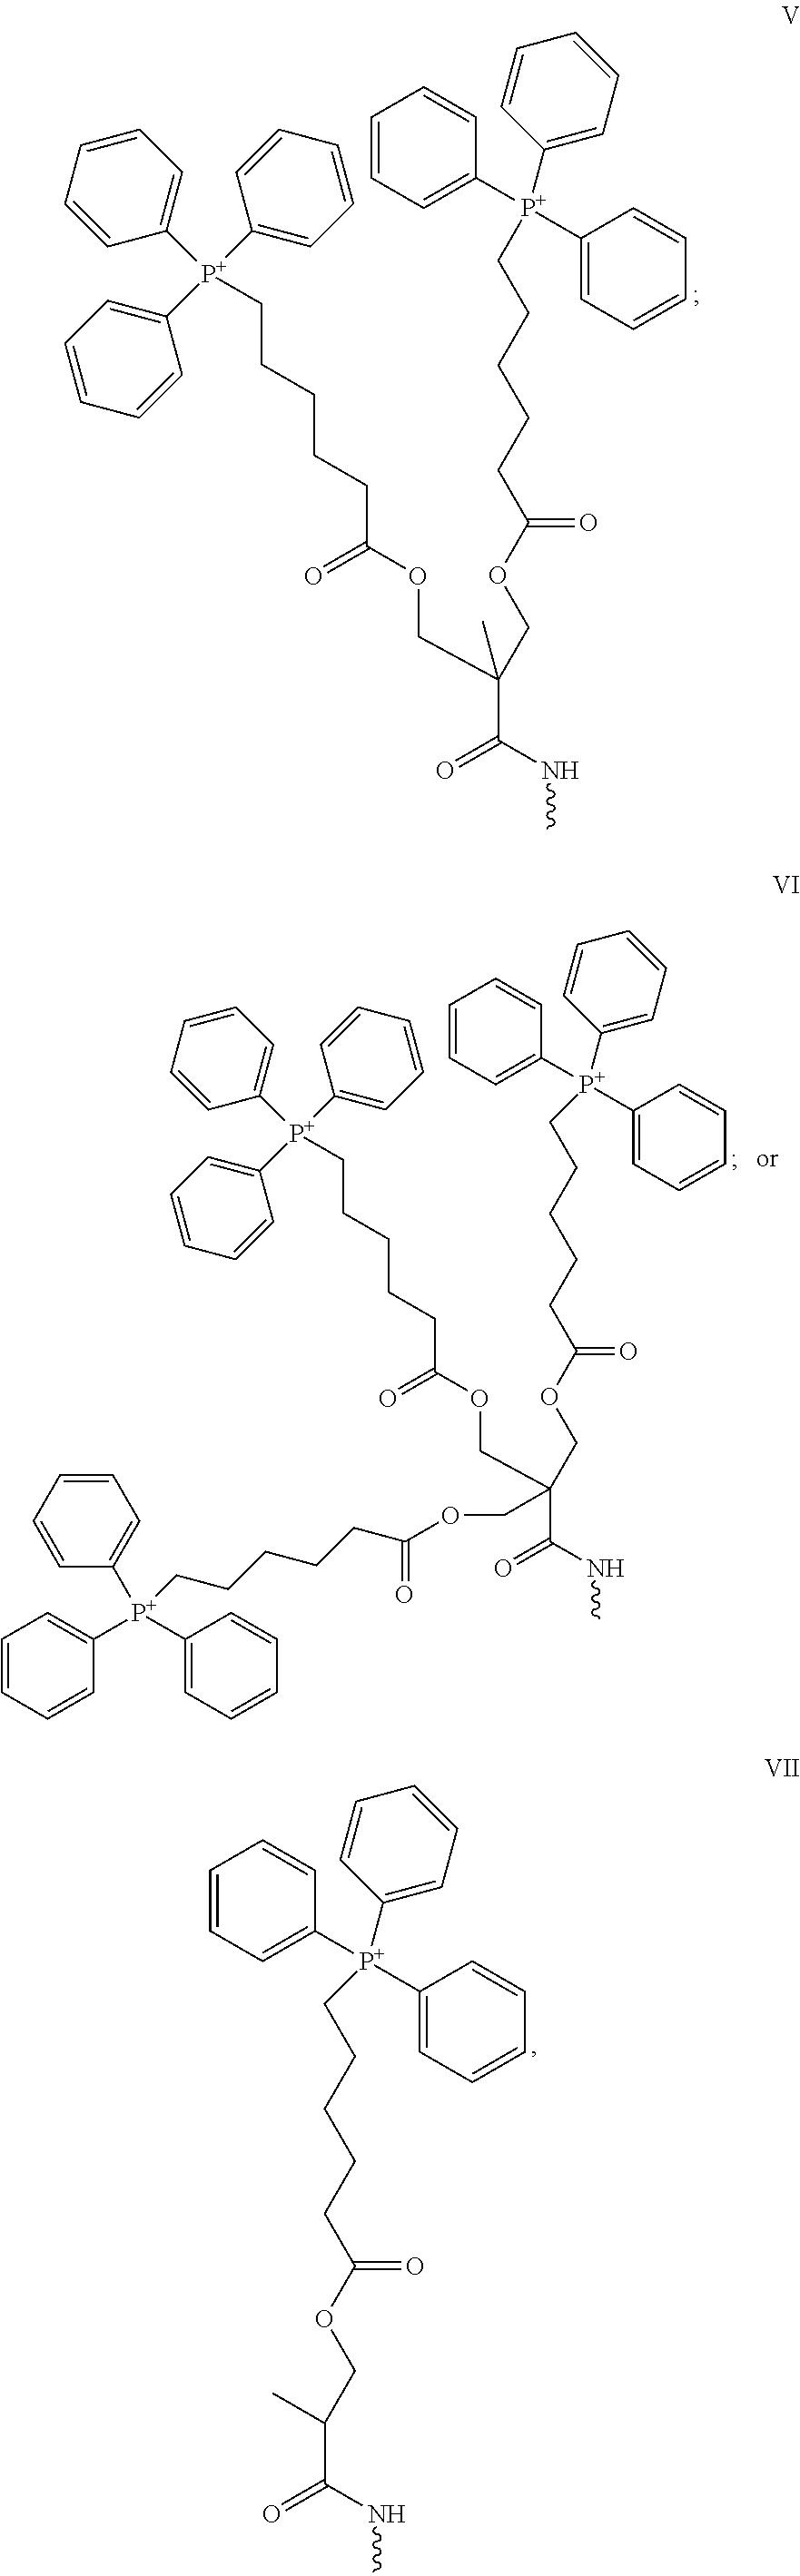 Figure US09901616-20180227-C00005